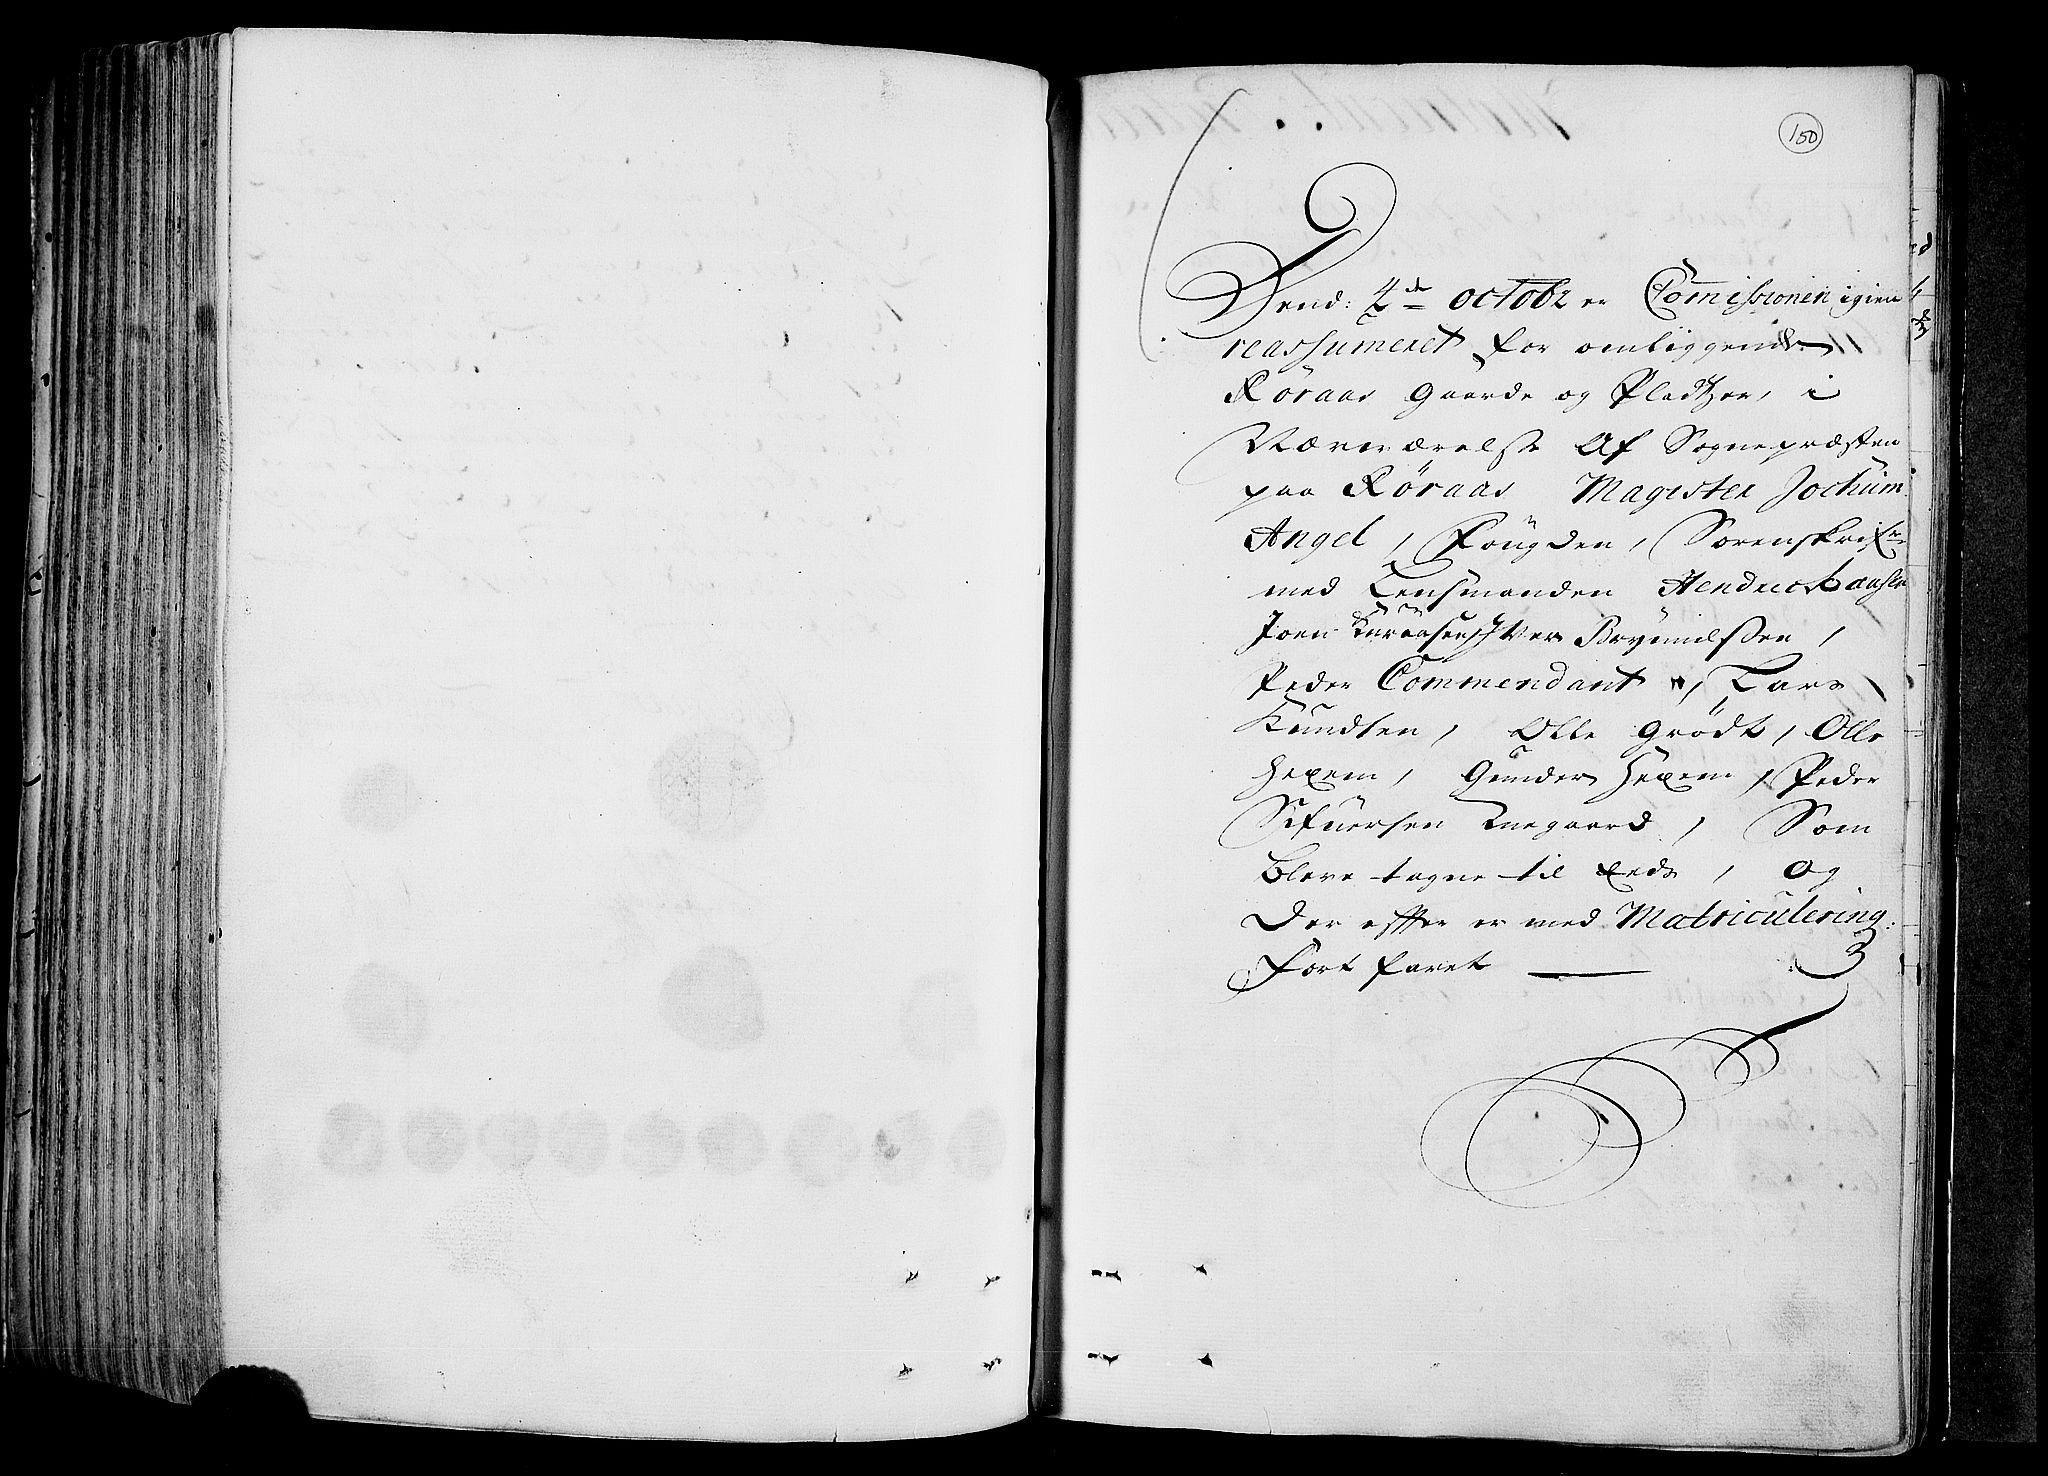 RA, Rentekammeret inntil 1814, Realistisk ordnet avdeling, N/Nb/Nbf/L0158: Gauldal eksaminasjonsprotokoll, 1723, s. 149b-150a